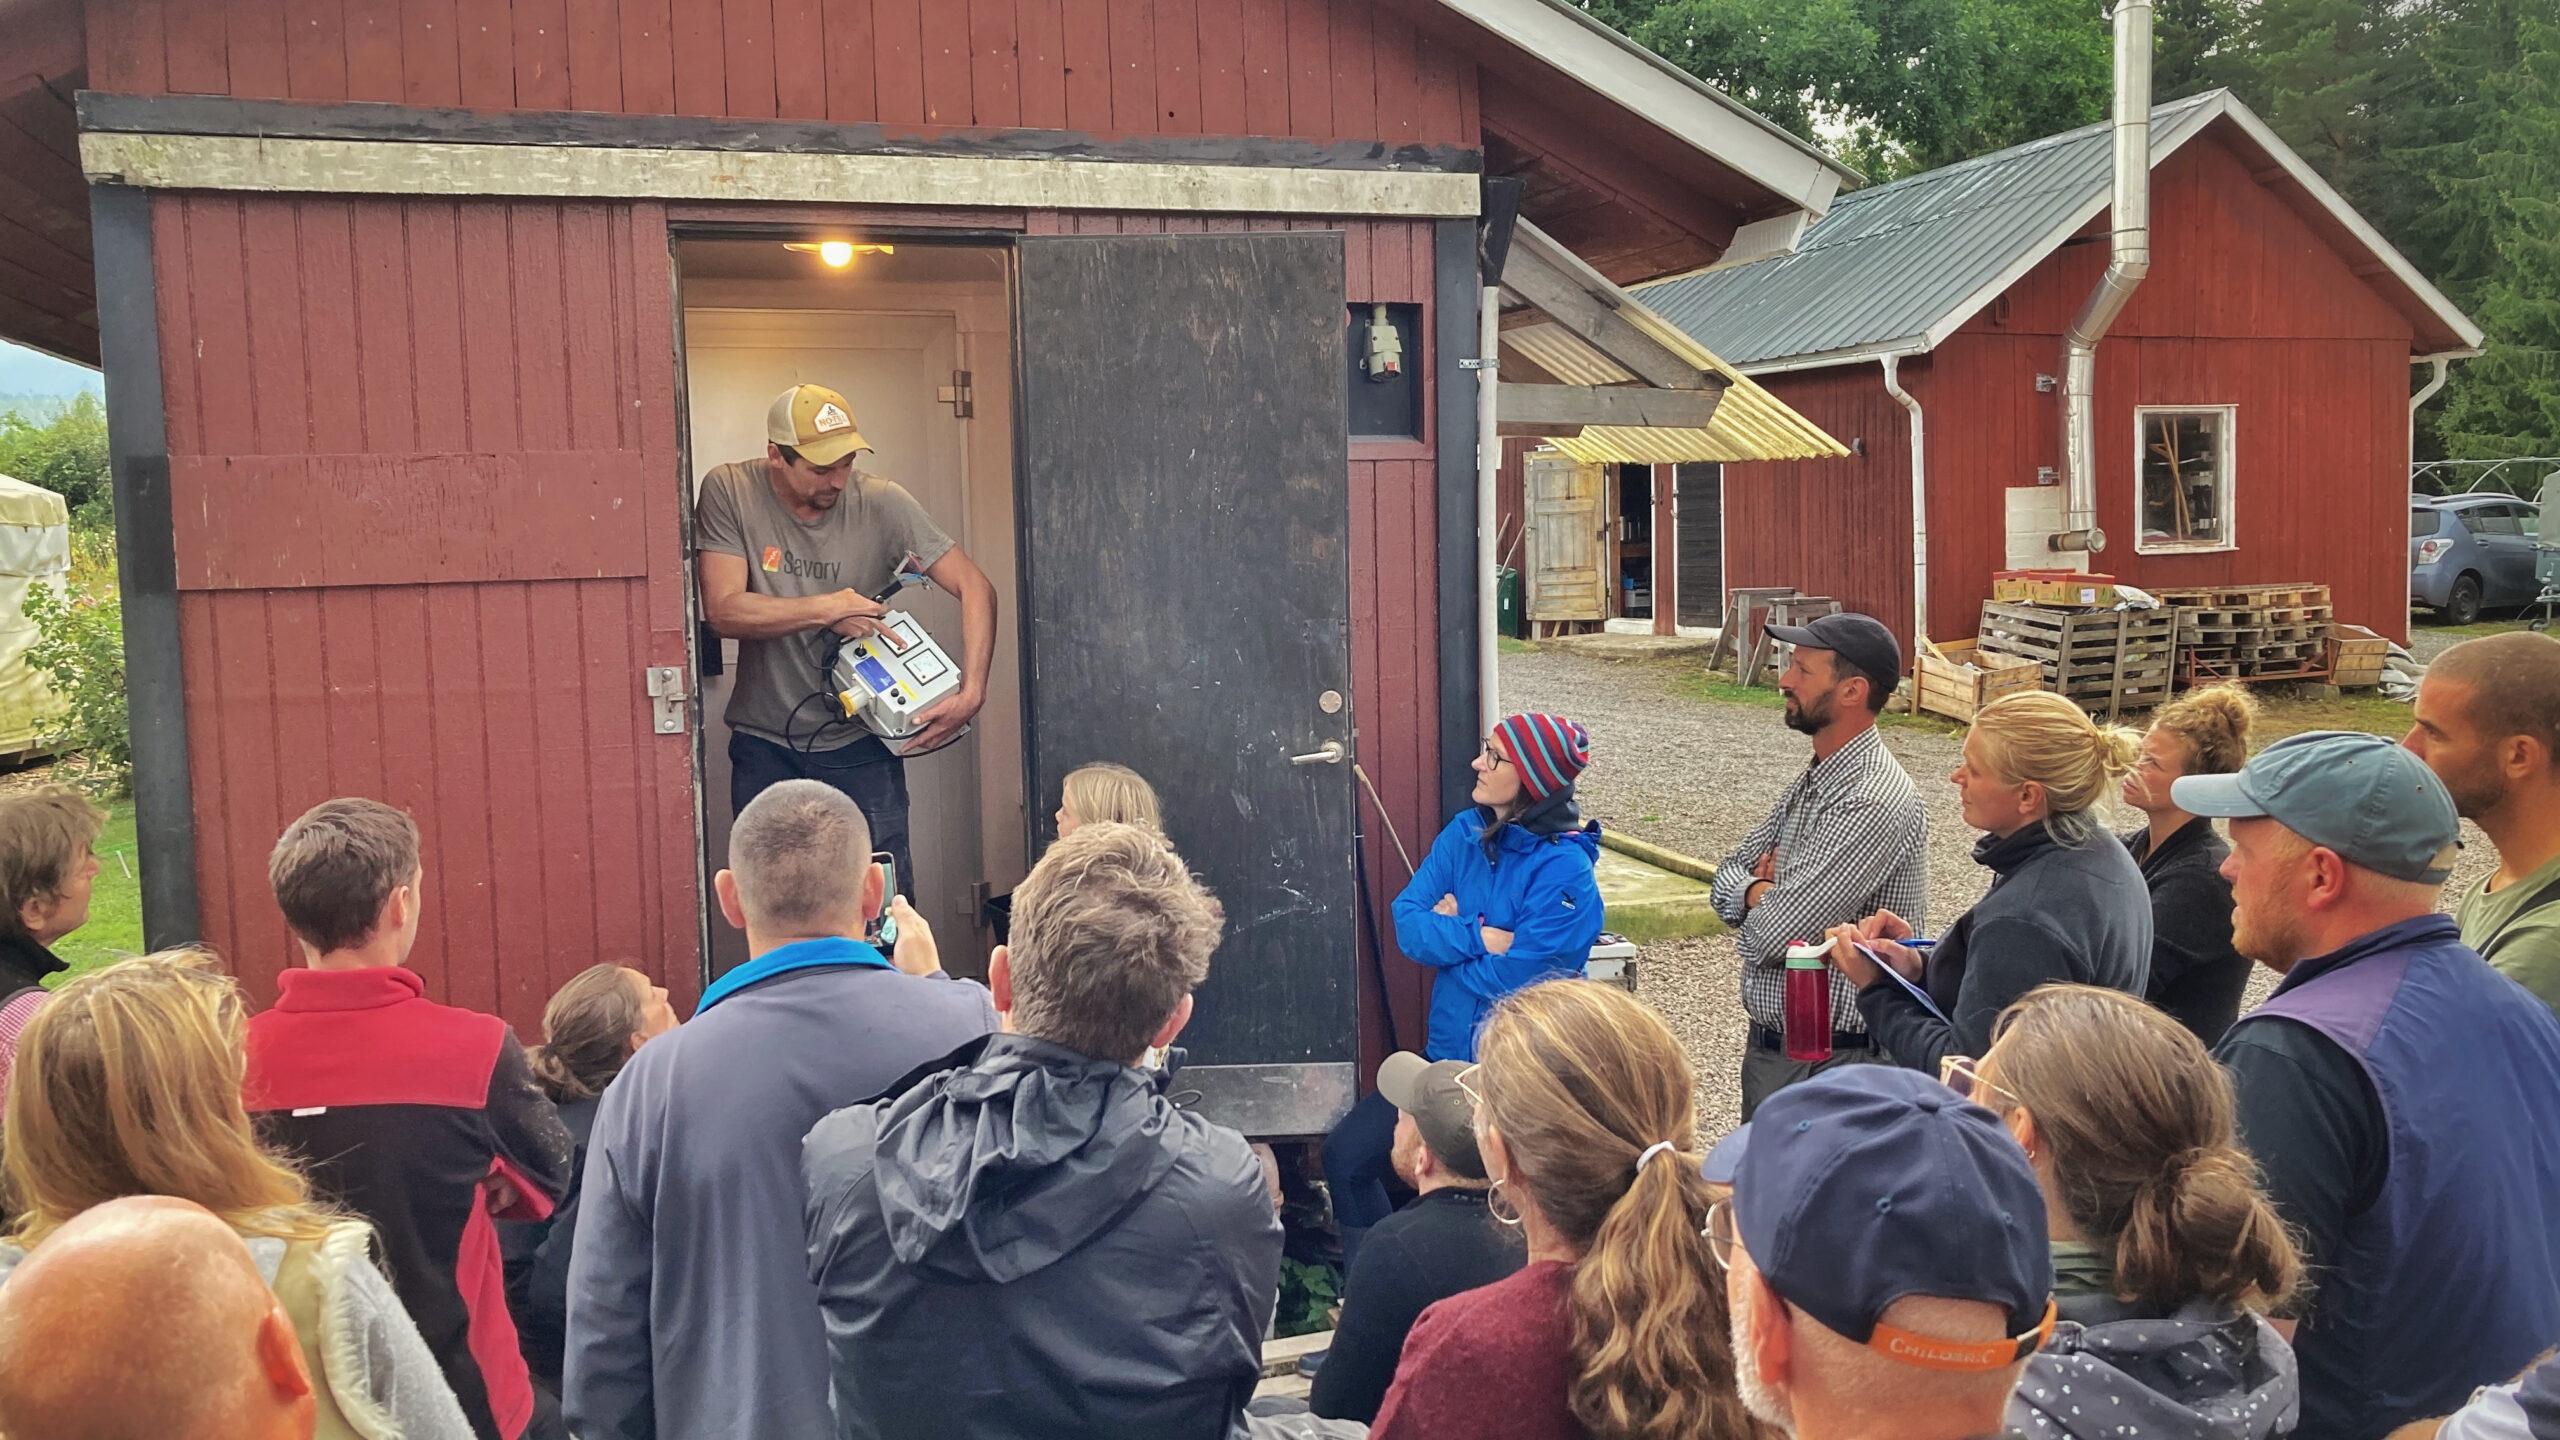 Richard Perkins i dörren till gårdsslakteriet  där han förevisar utrustning  som används vid slakt